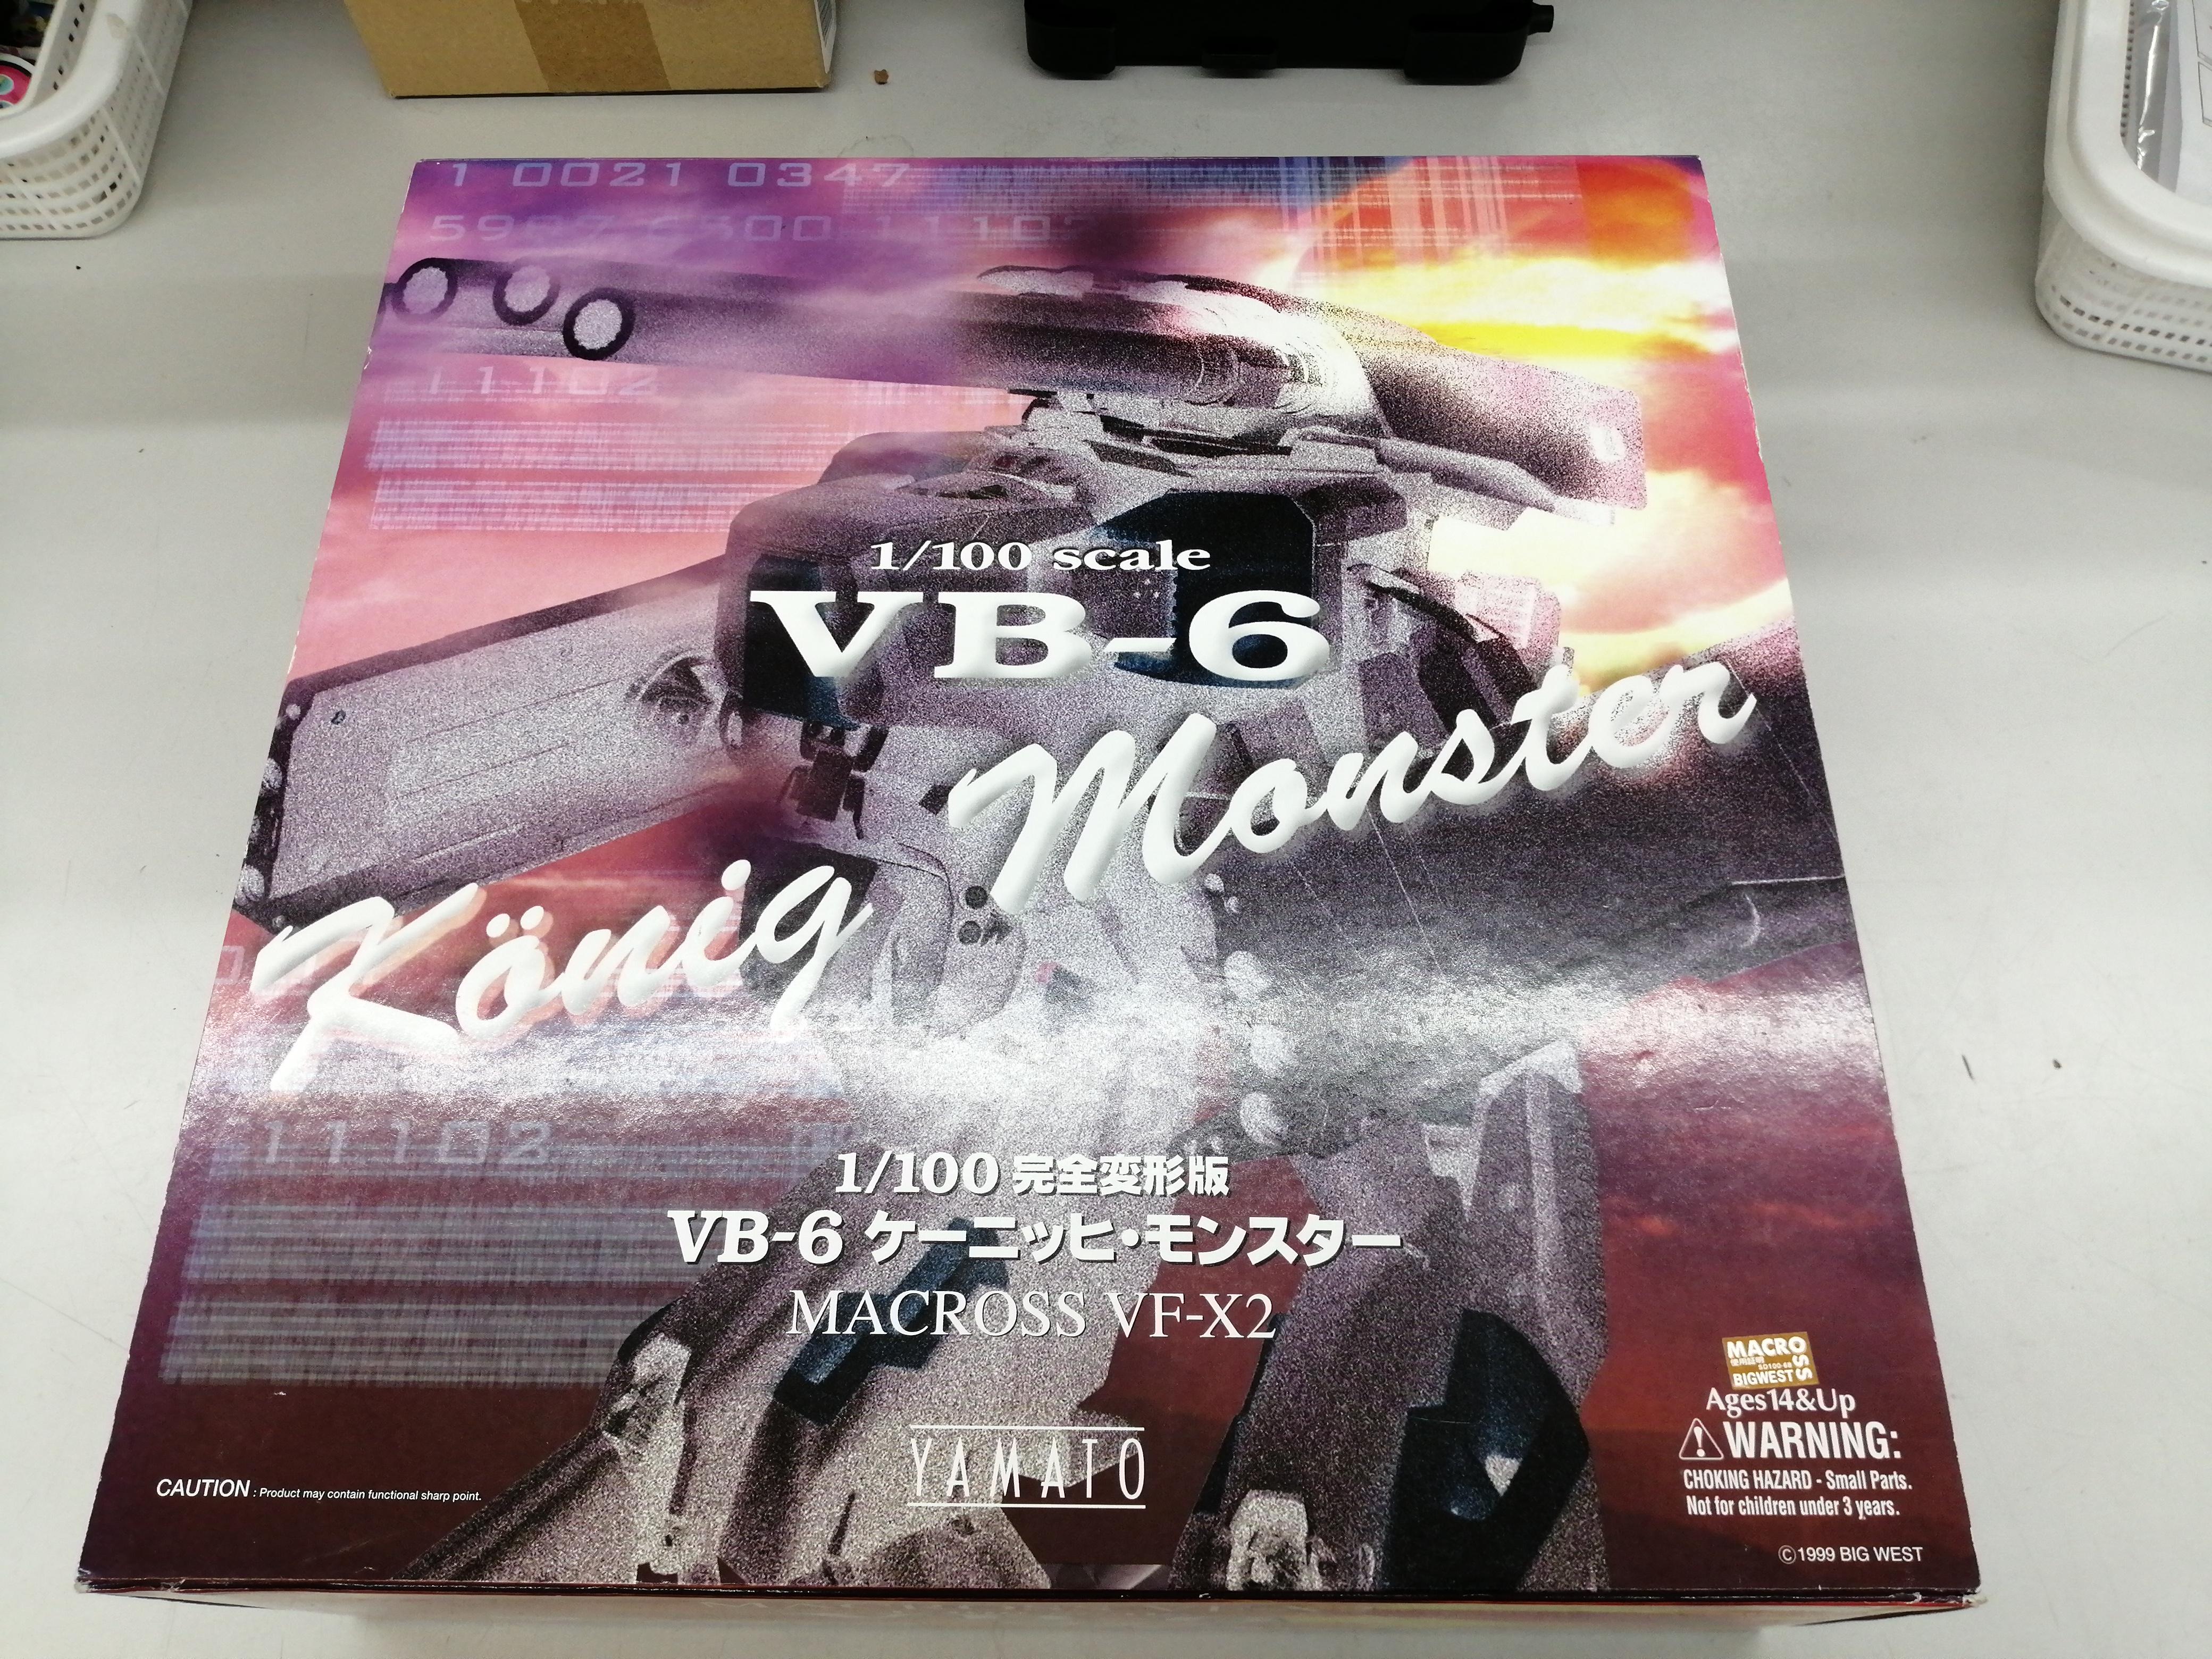 マクロスVF-X2 YAMATO